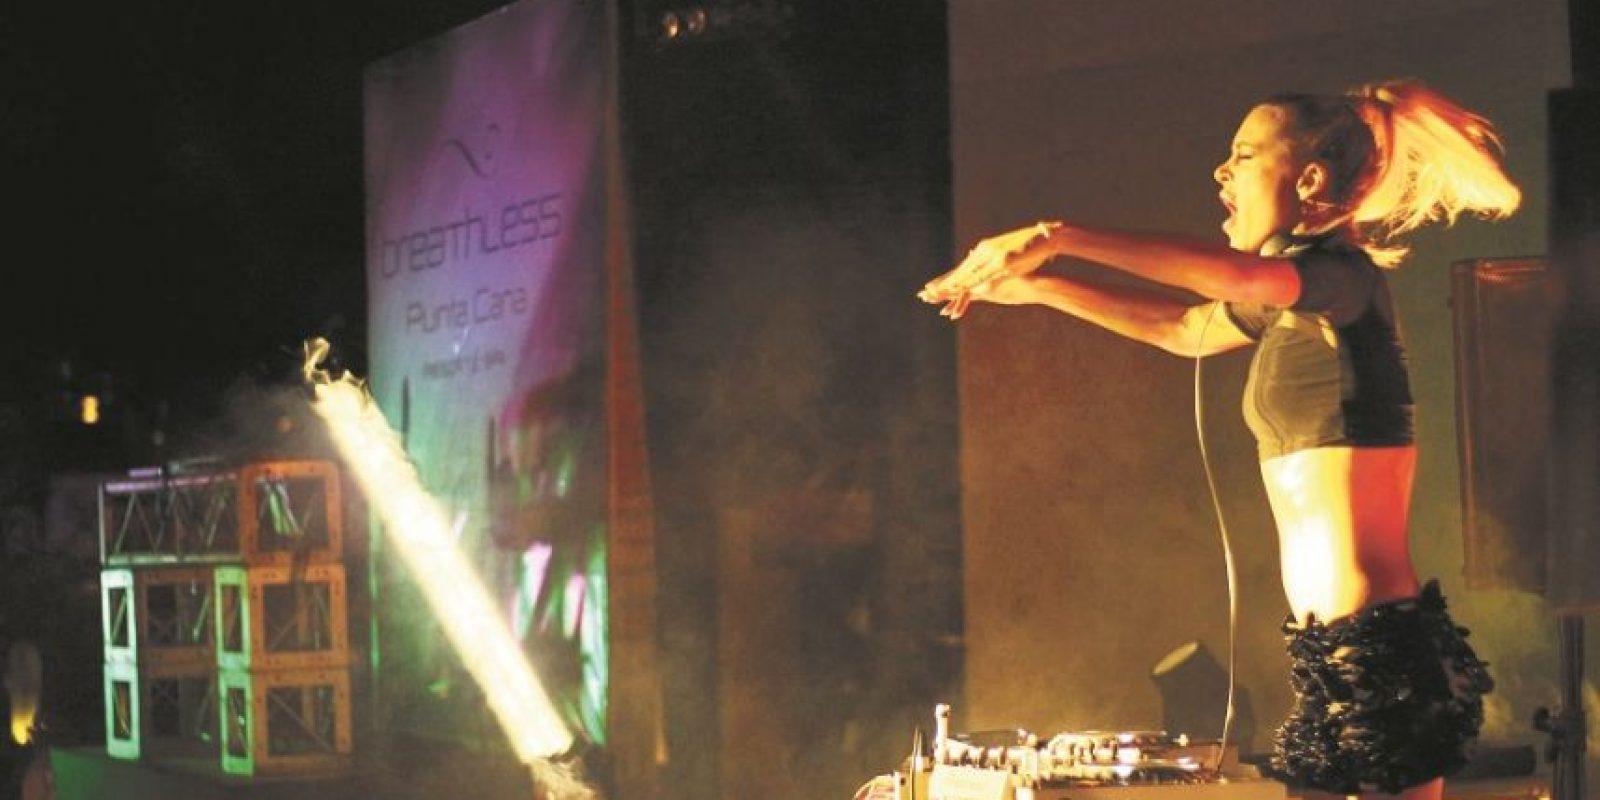 La Dj suiza Tanja La Croix hizo vibrar el público con las notas de su música elecrtónica. Foto:Fuente externa